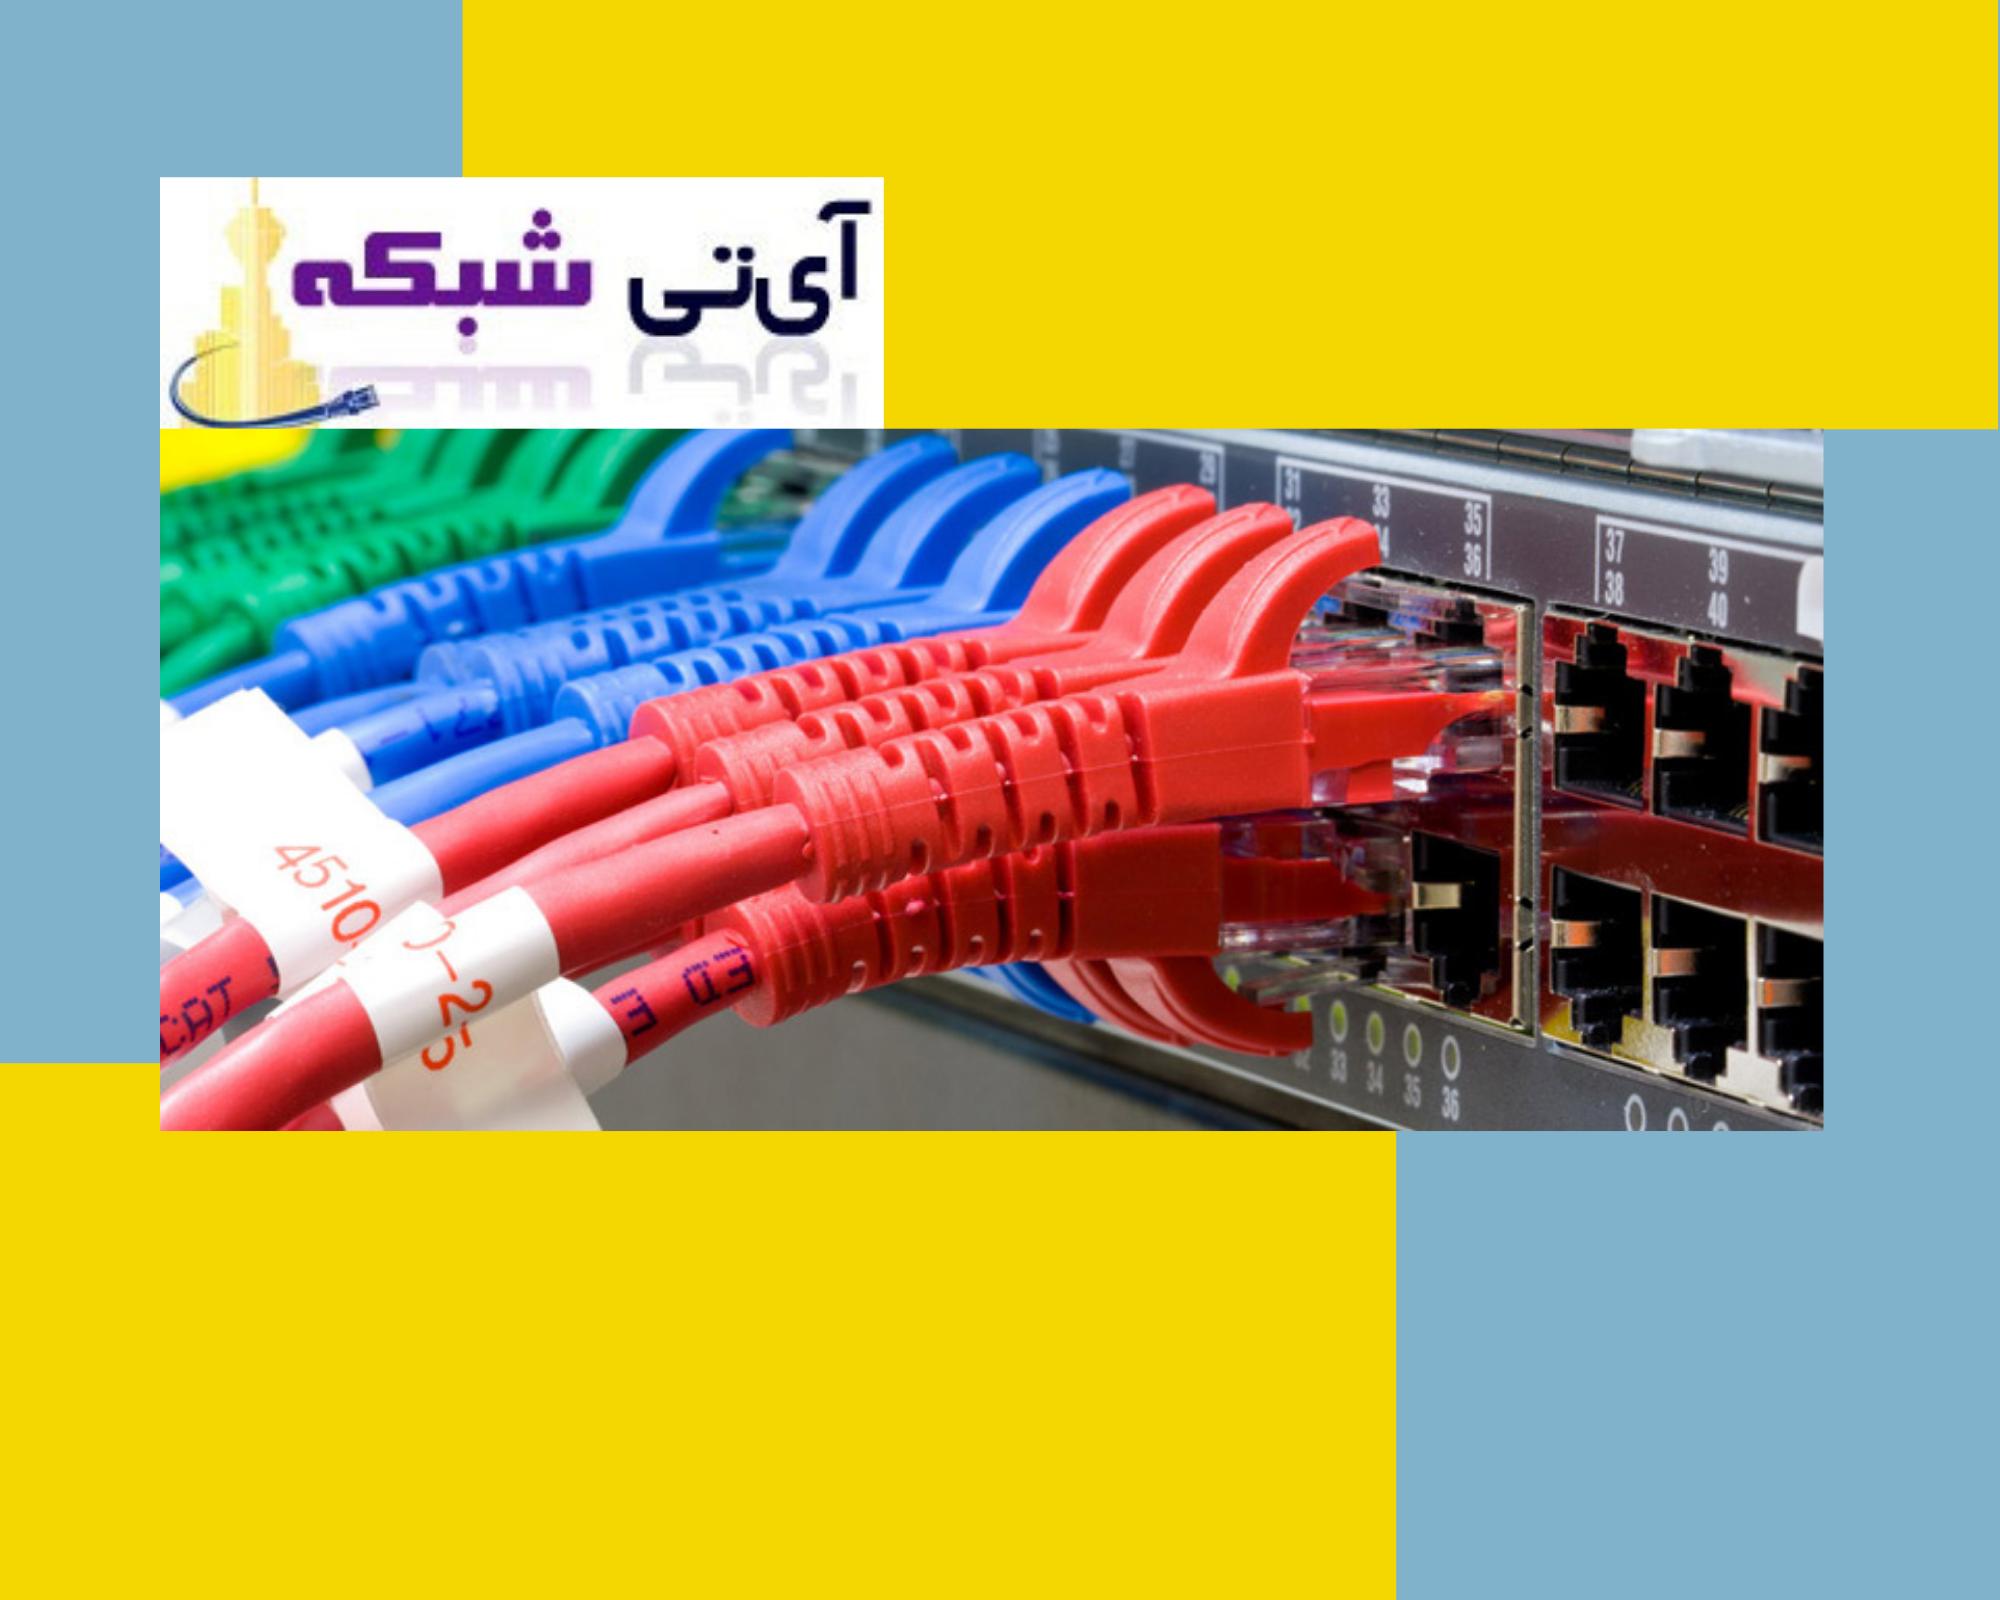 پسیو - شبکه - ای - تی - شبکه